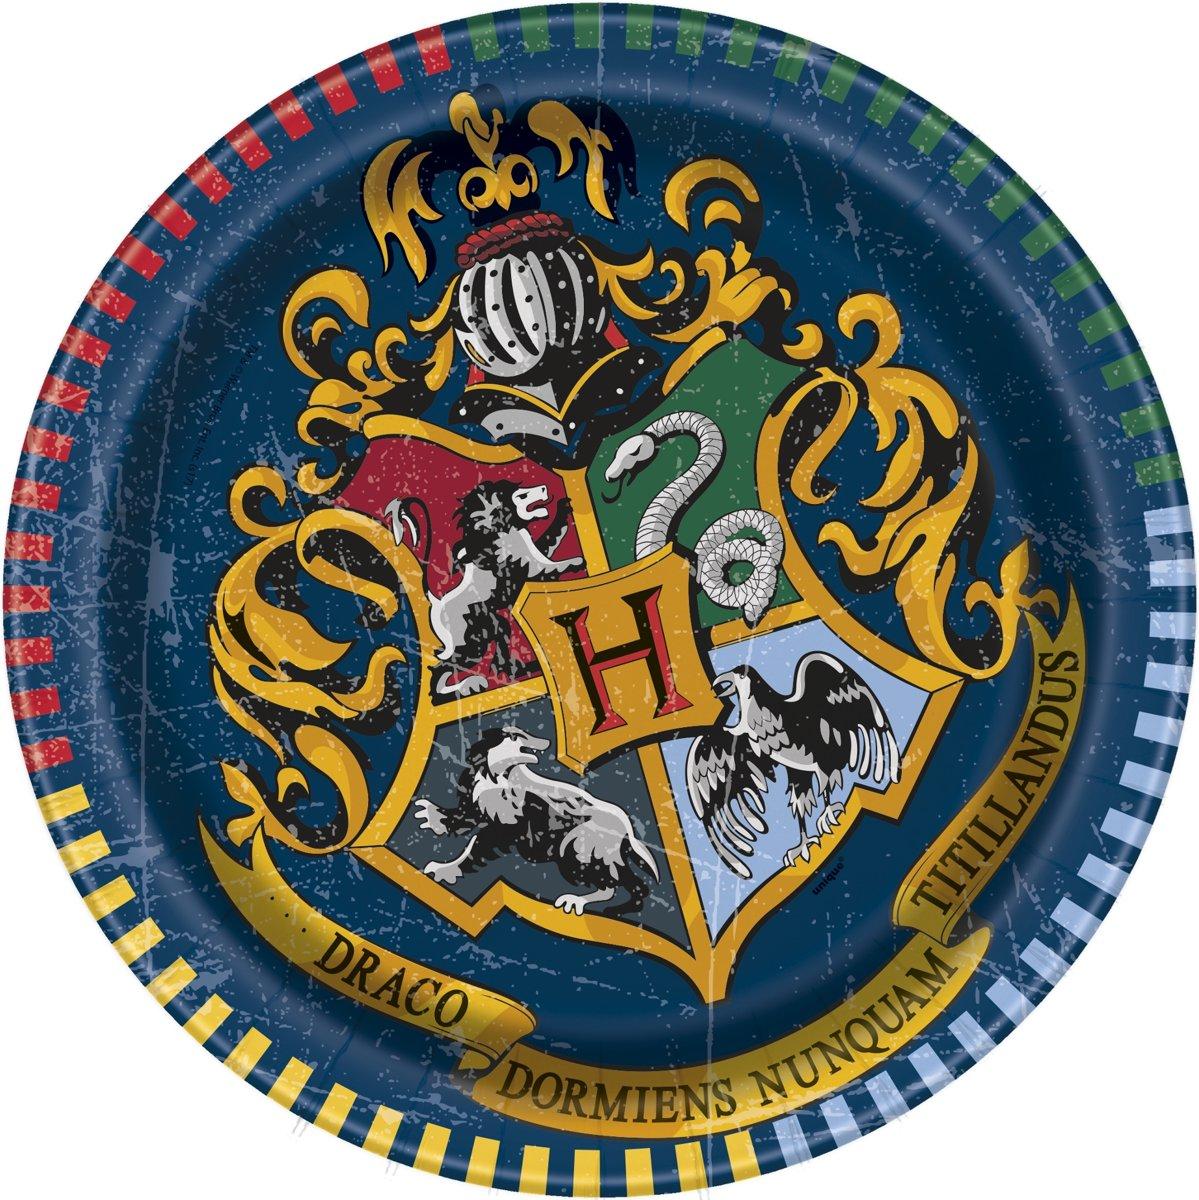 8 kleine Harry Potter™ borden - Feestdecoratievoorwerp